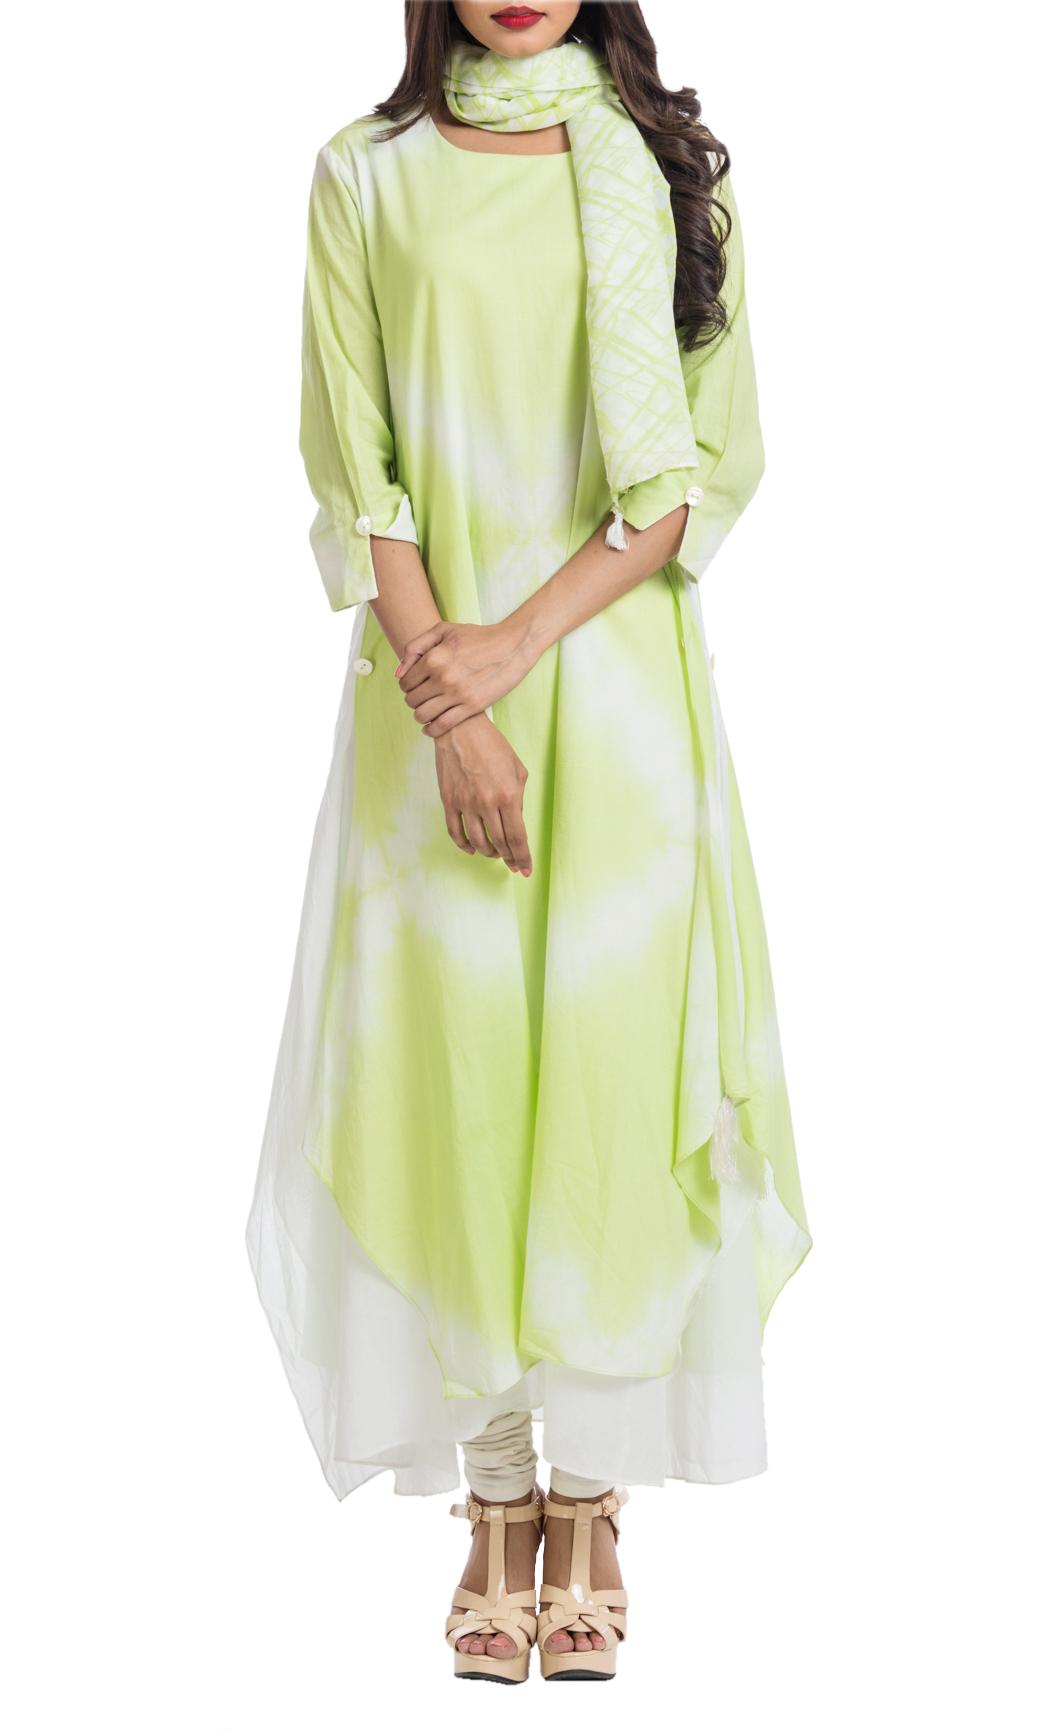 Green Shibori Asymmetrical Tunic - Shop Online